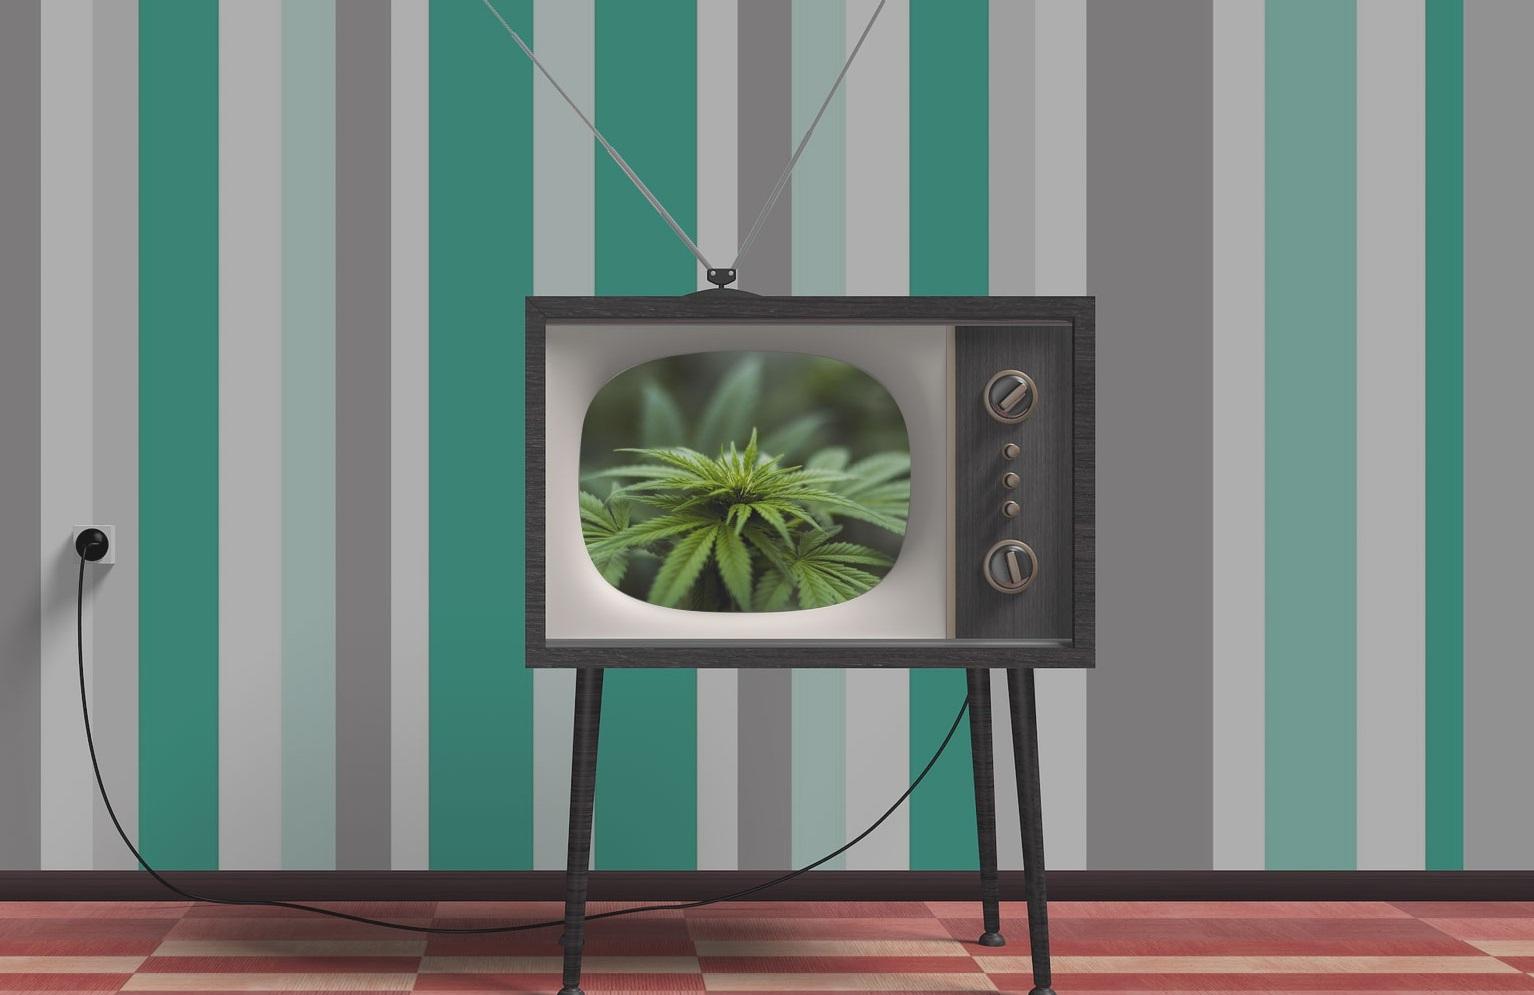 weed-on-tv.jpg